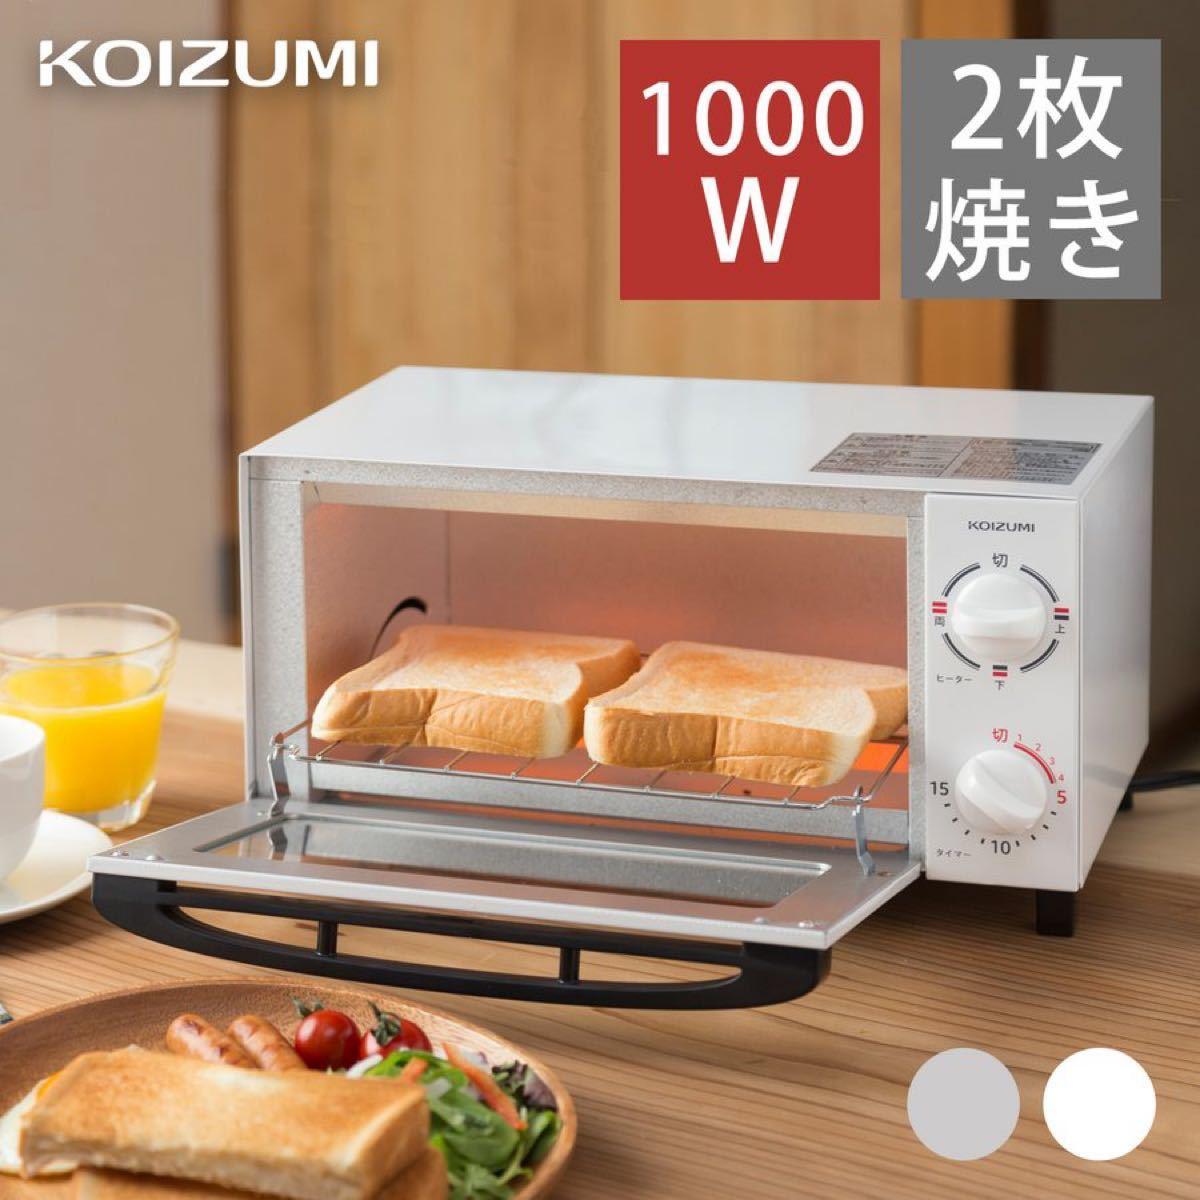 新品 KOIZUMI オーブントースター エコカラット トースト皿 珪藻土